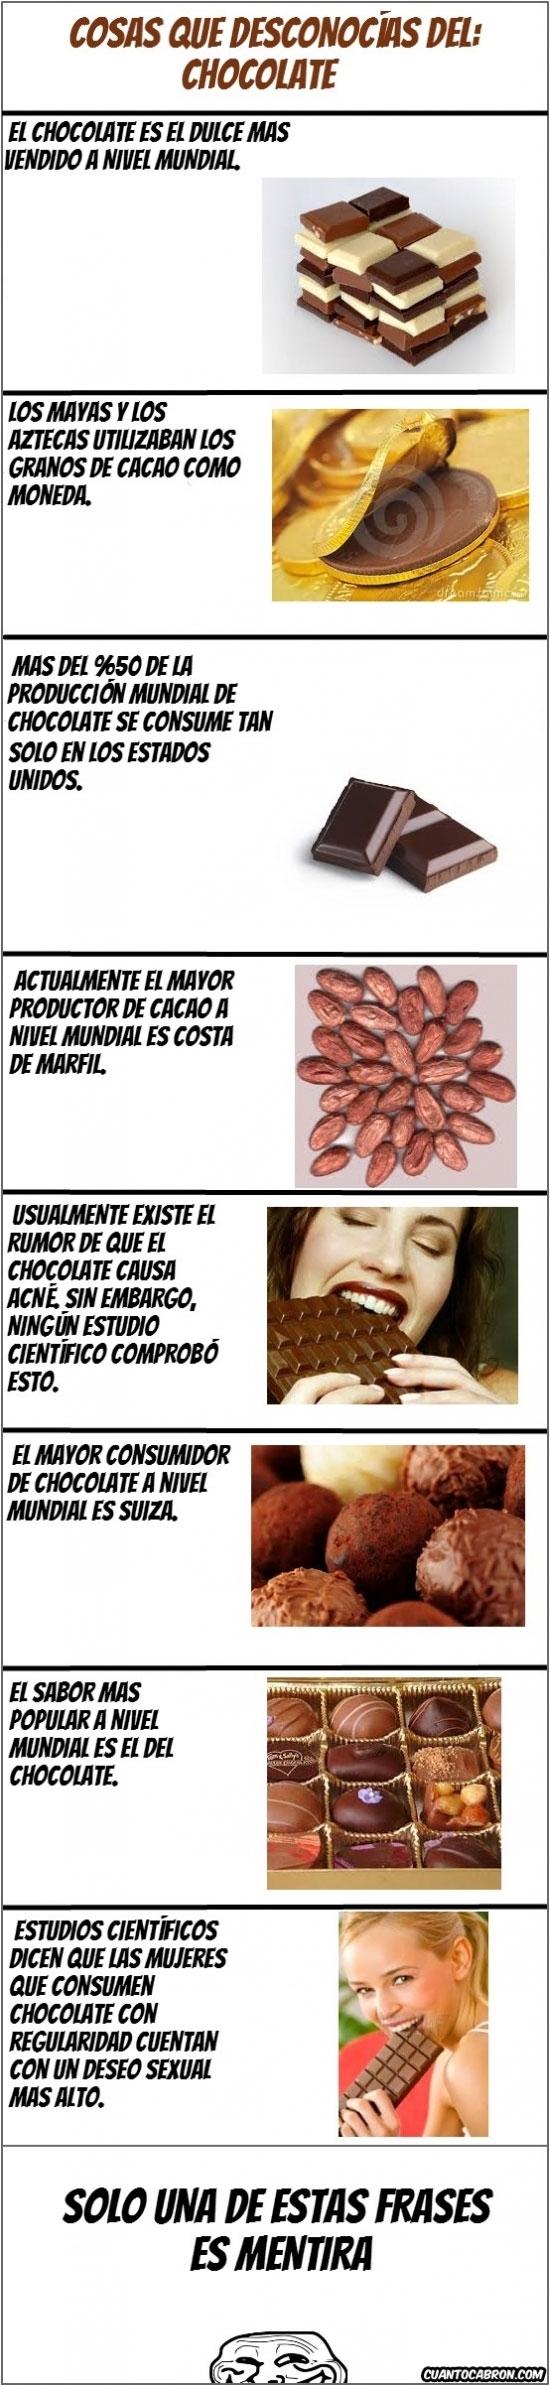 Mix - Cosas que desconocías del chocolate